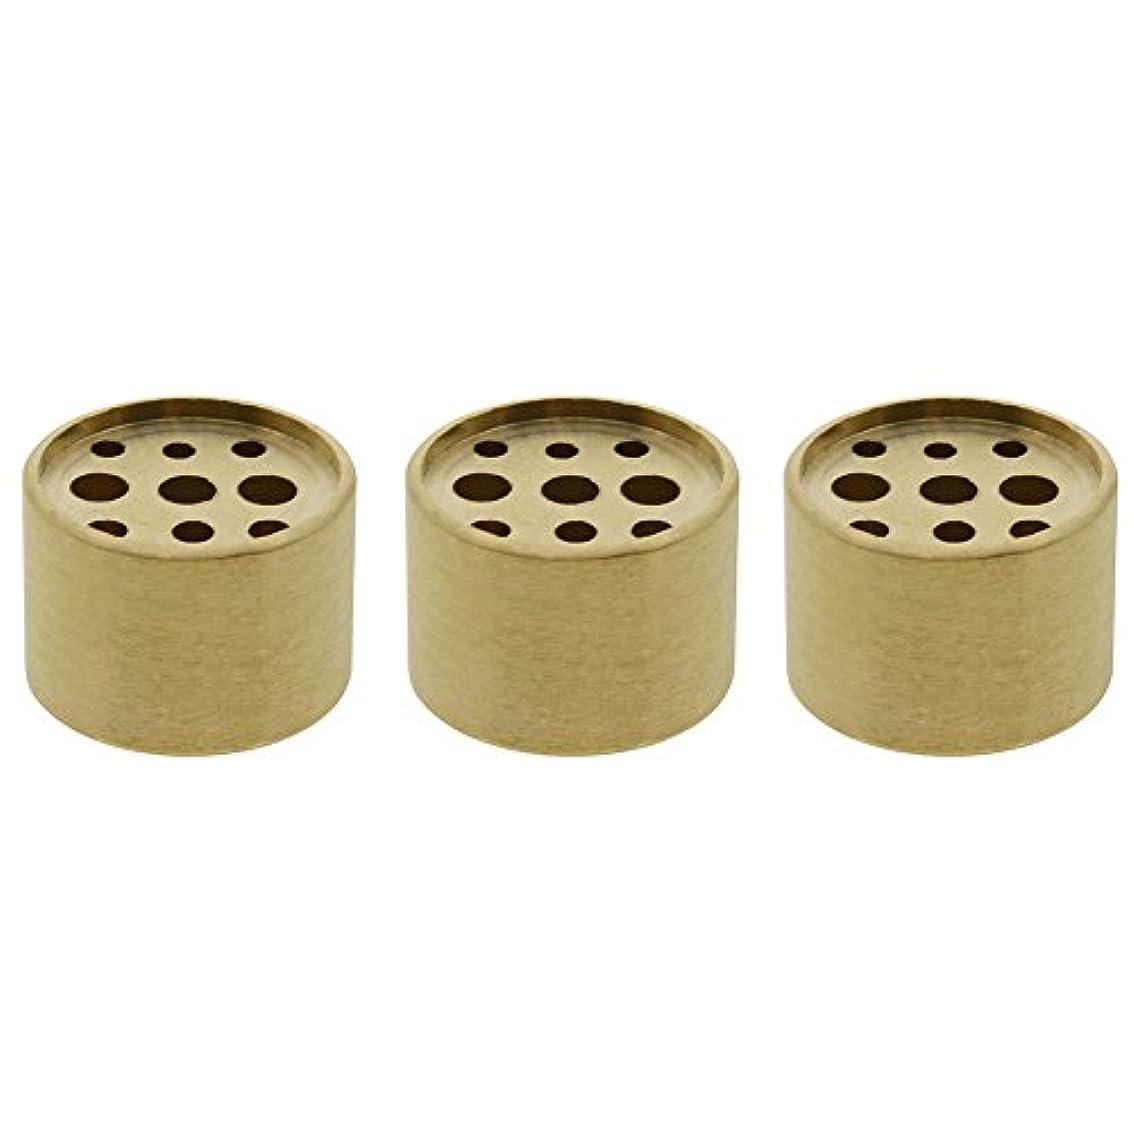 オーストラリア是正する豆Saim 3個Fine銅円柱形状Incenseホルダー9穴真鍮LotusスティックBurner for Incense